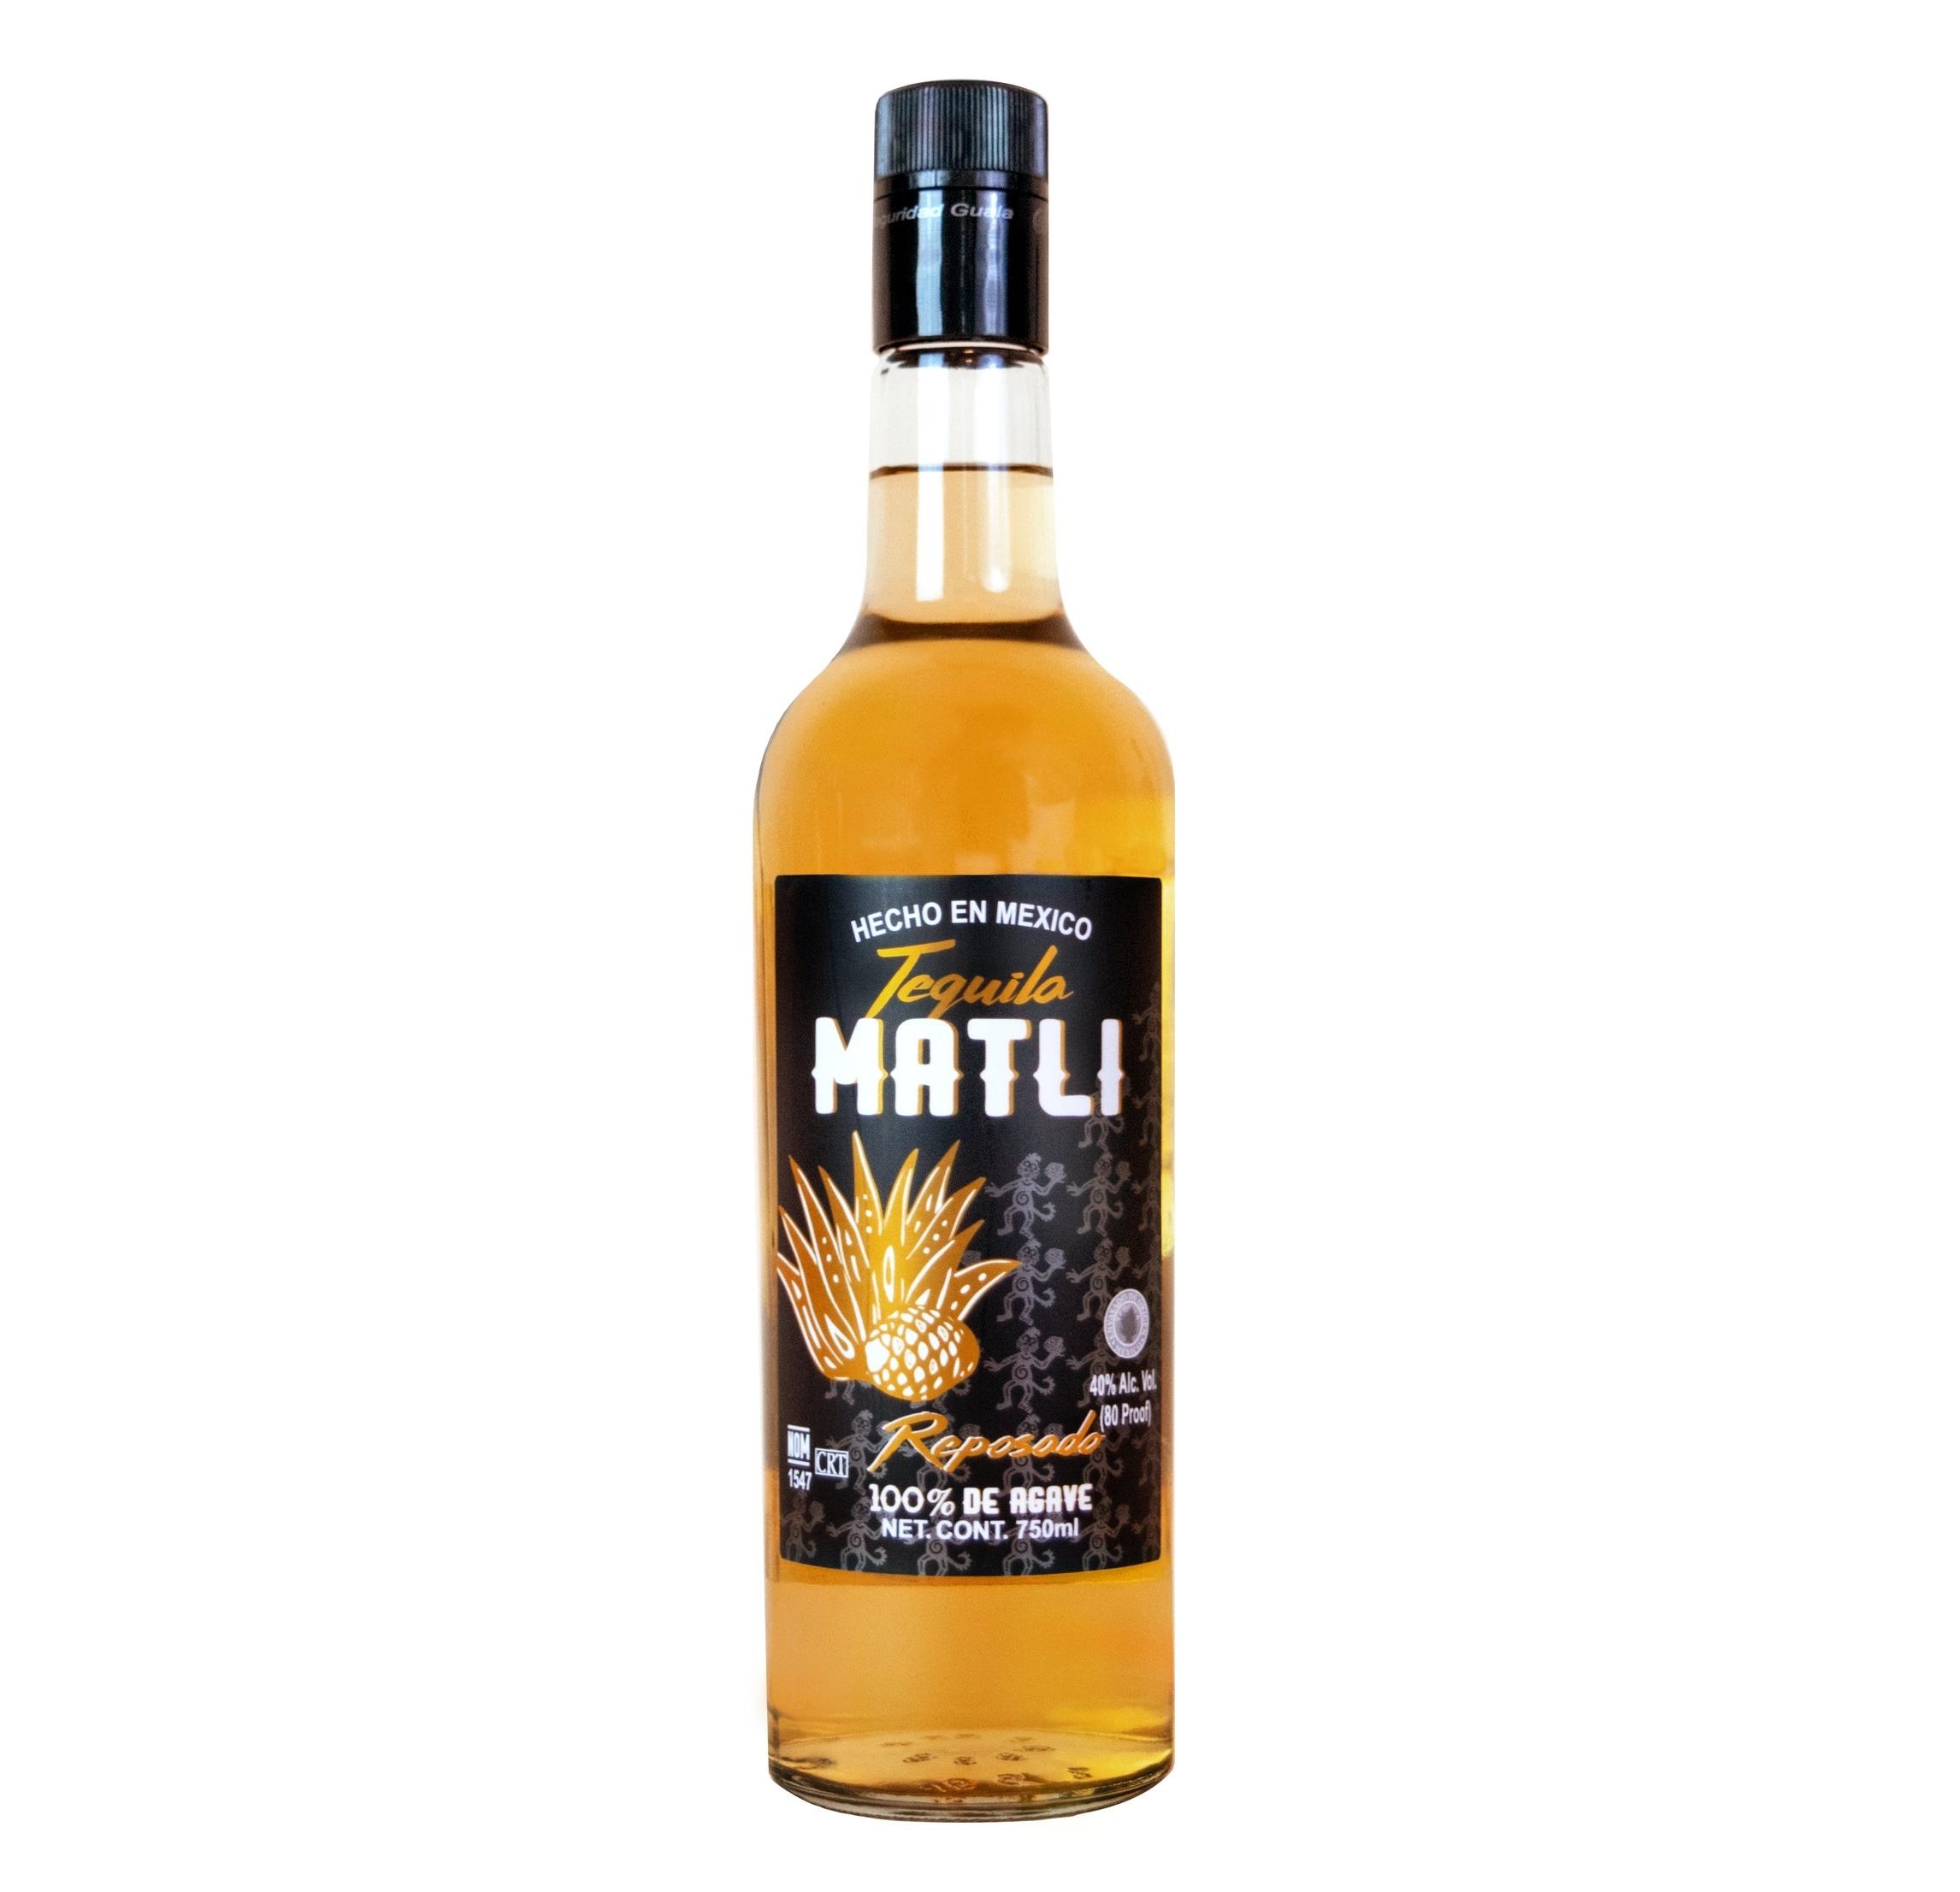 Matli-Repo-Brown.jpg